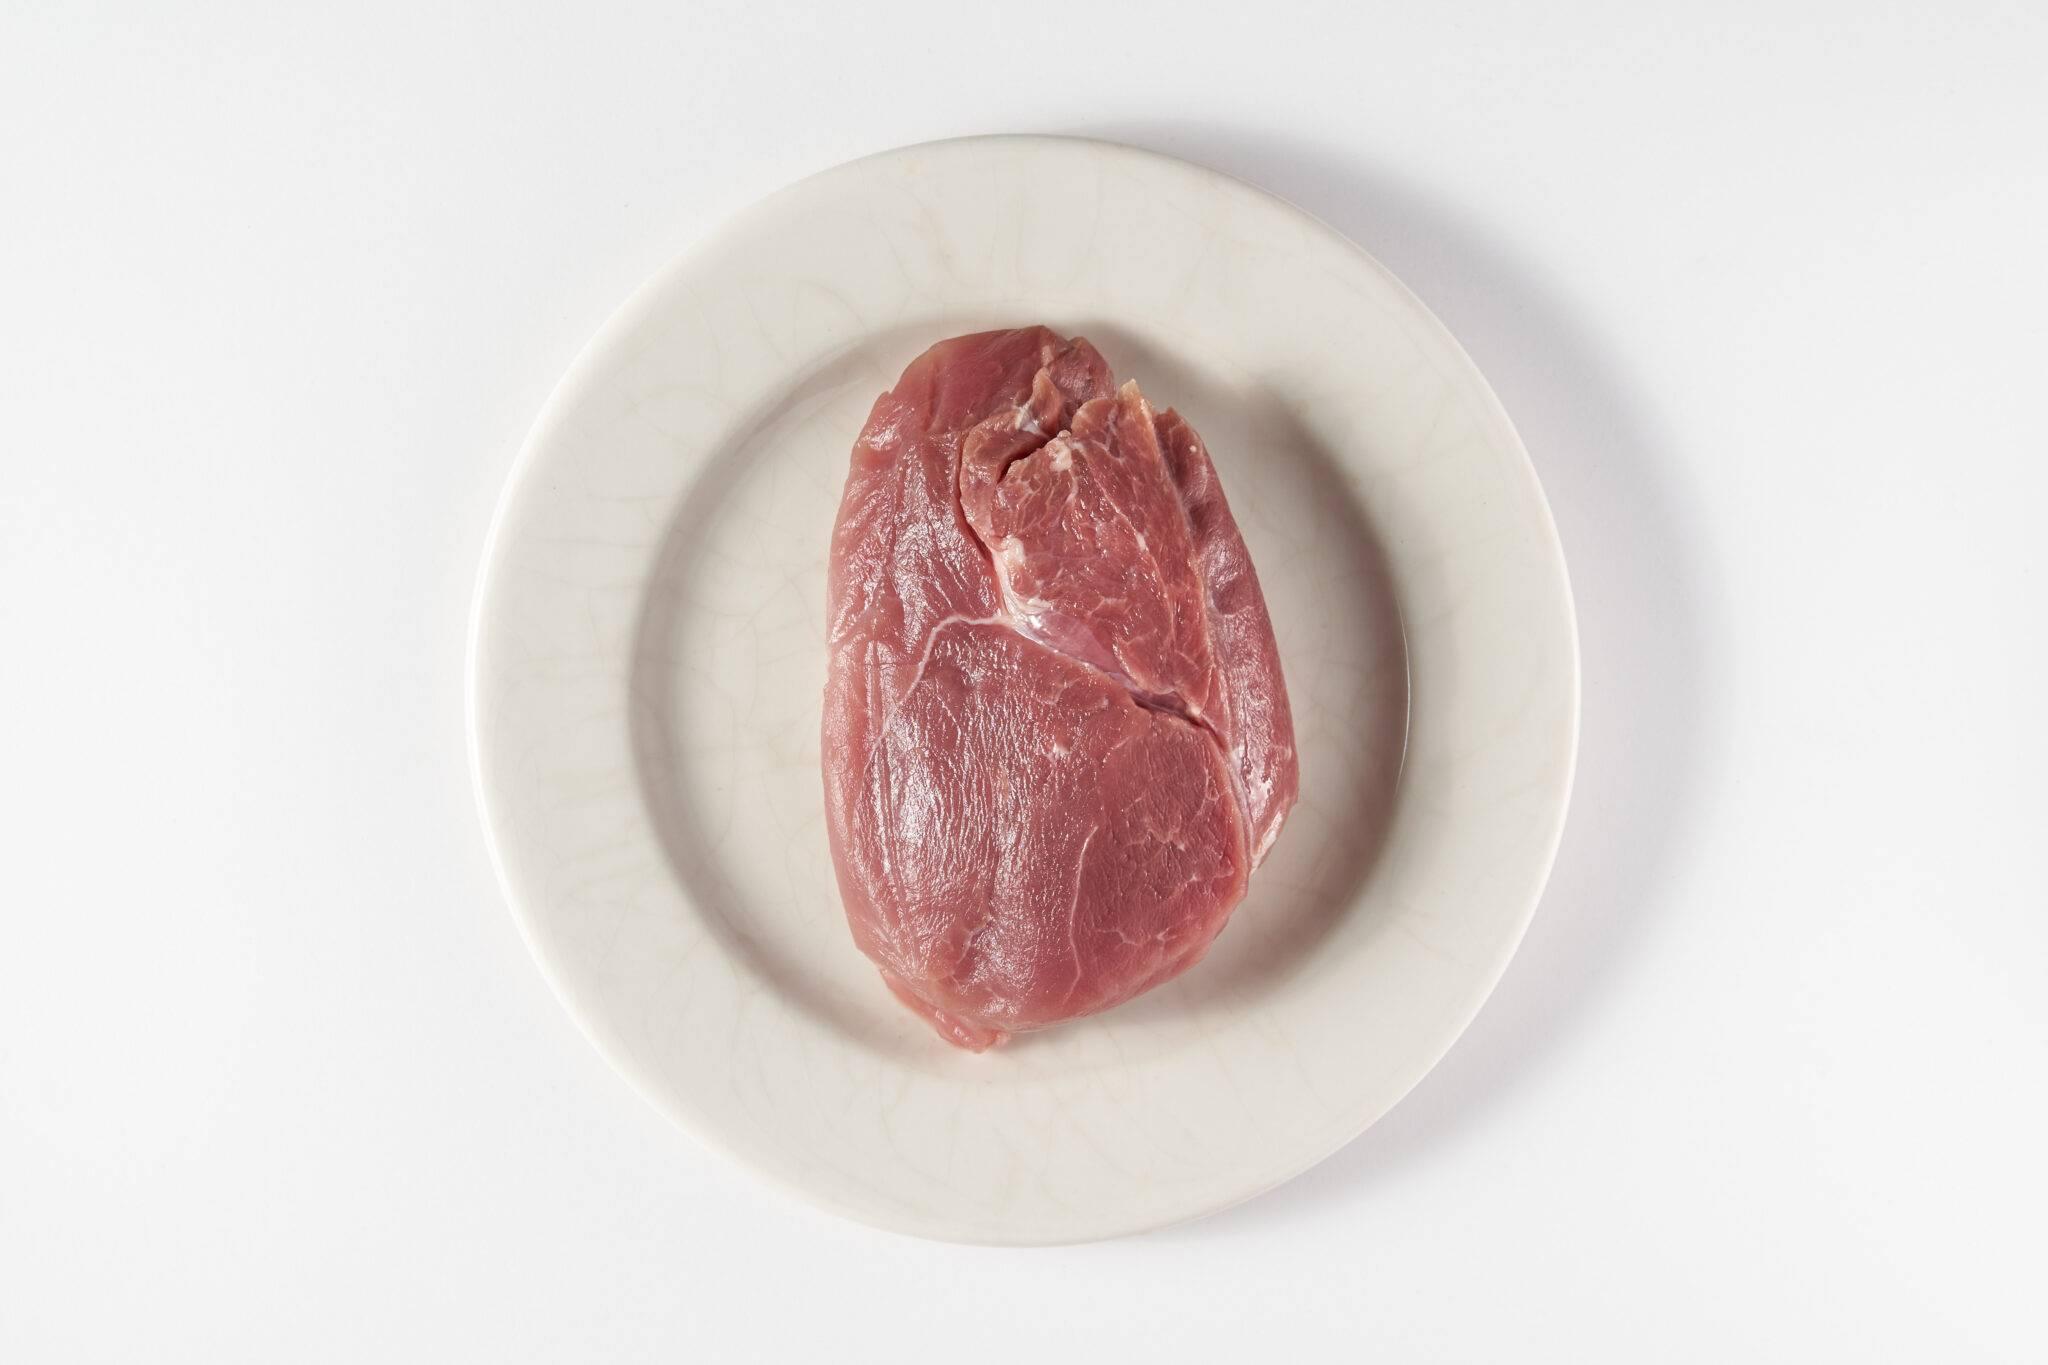 Vleesch & Co hamlap van scharrelvarken